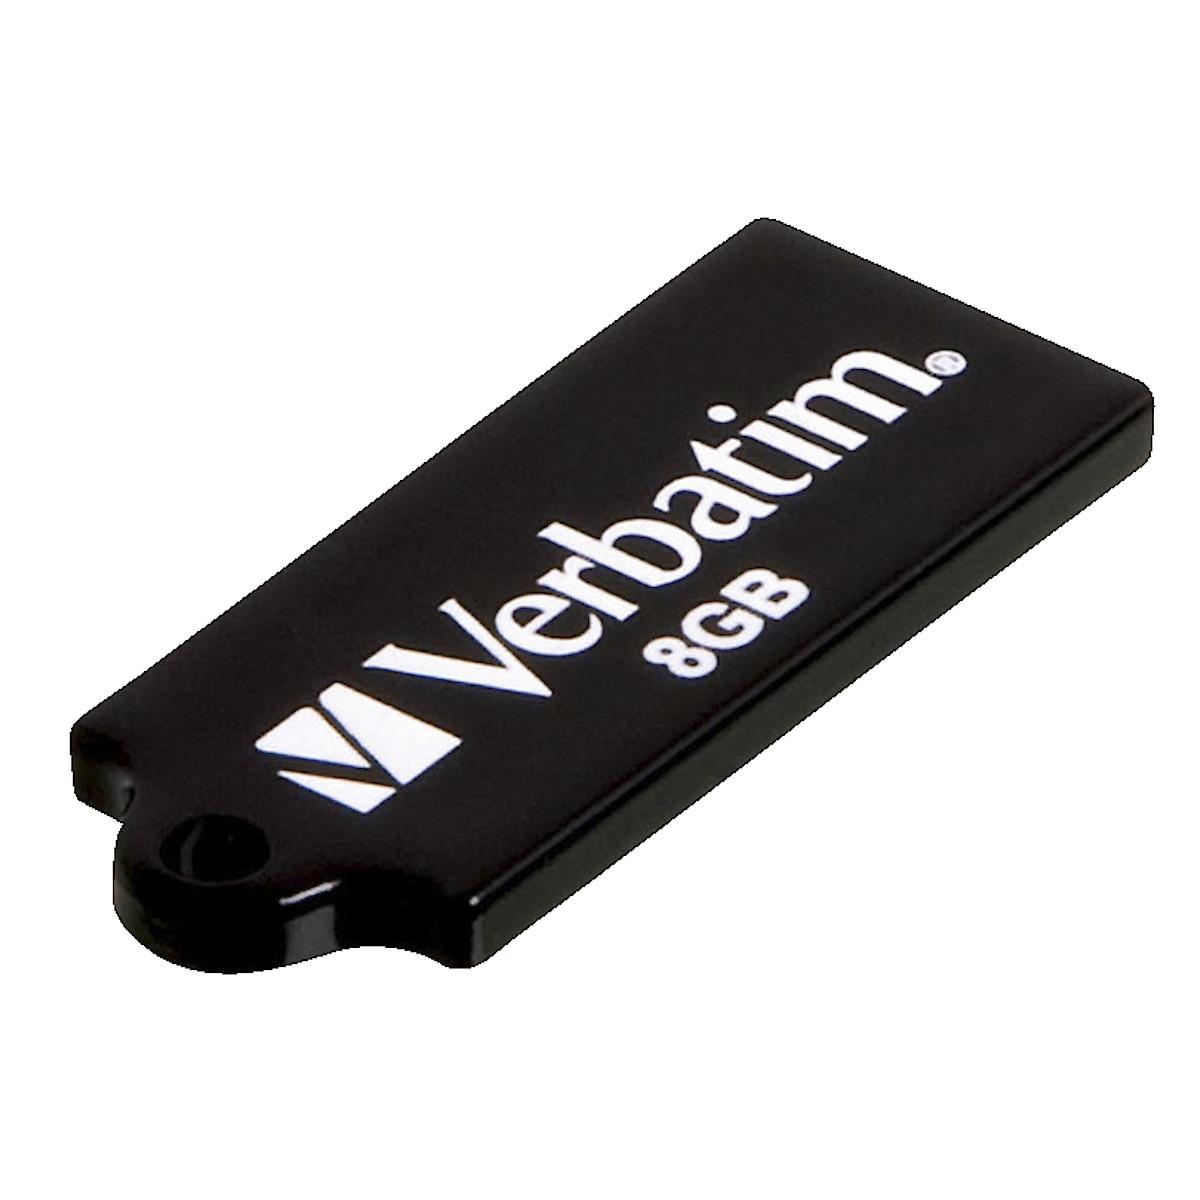 USB 2.0-minne 8 GB Micro, Verbatim